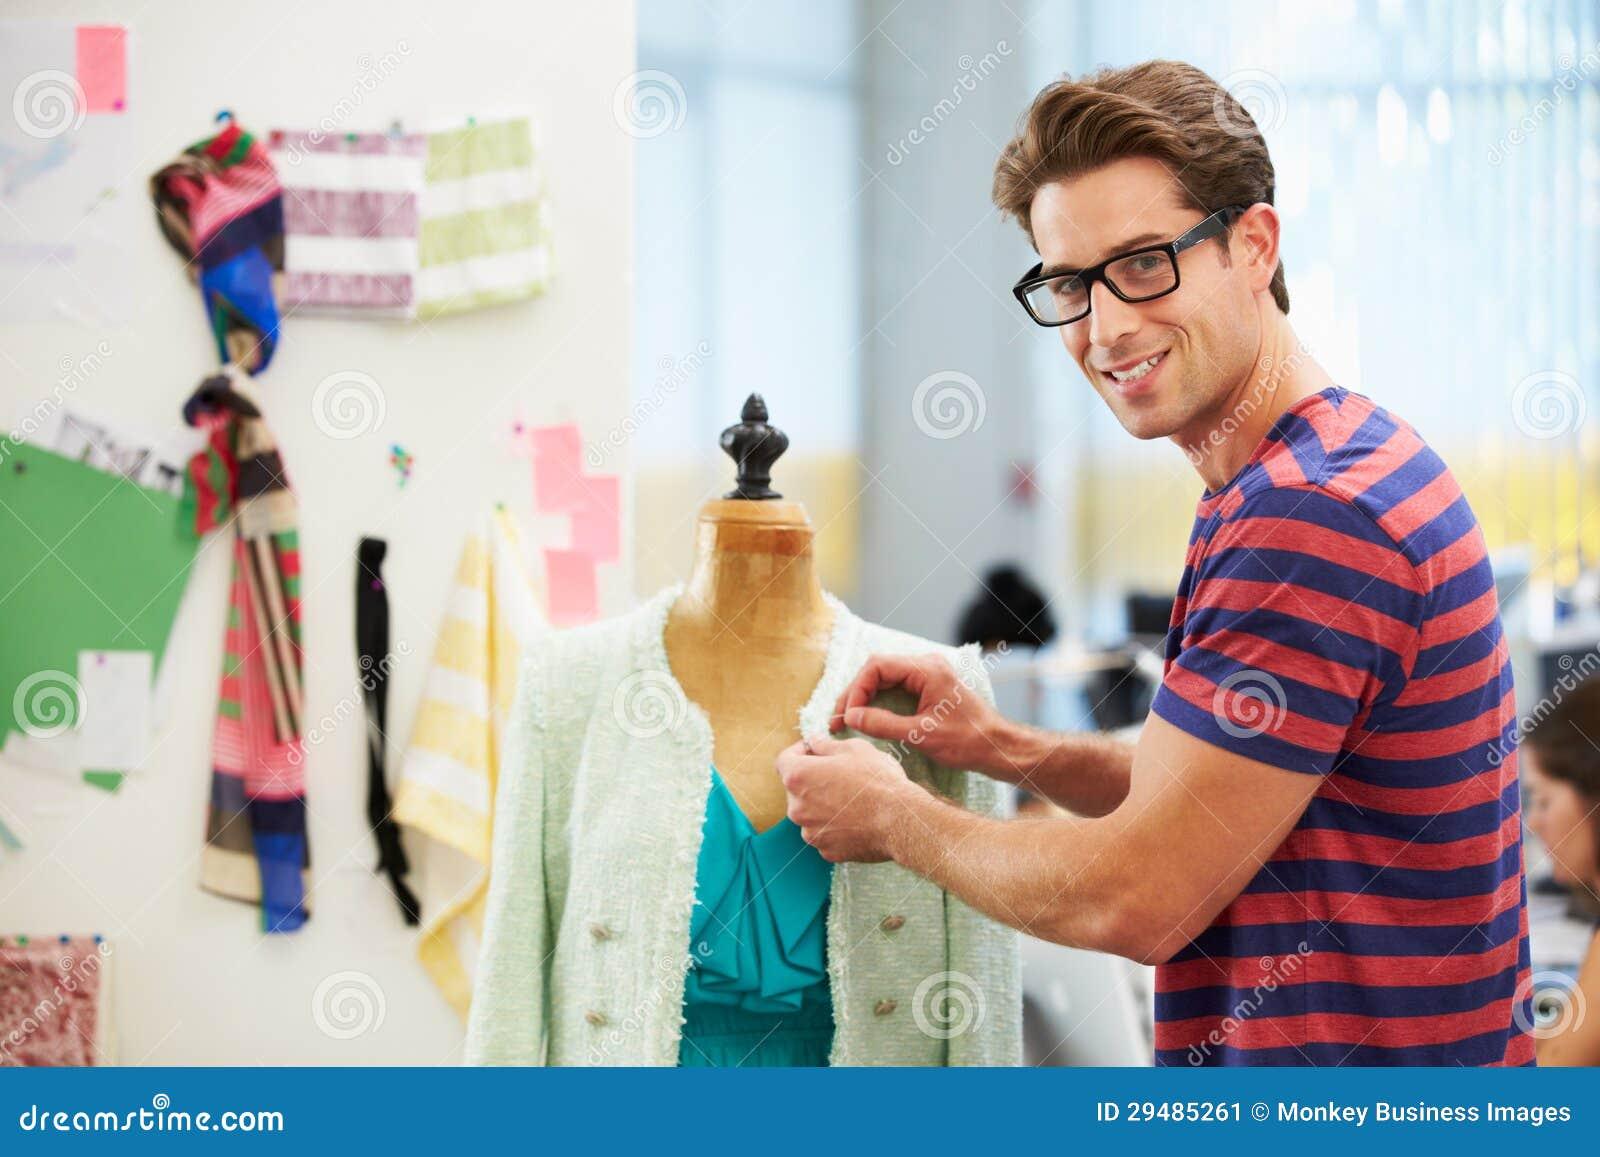 male fashion designer in studio stock image image 29485261 guest preacher clipart preaching clip art free